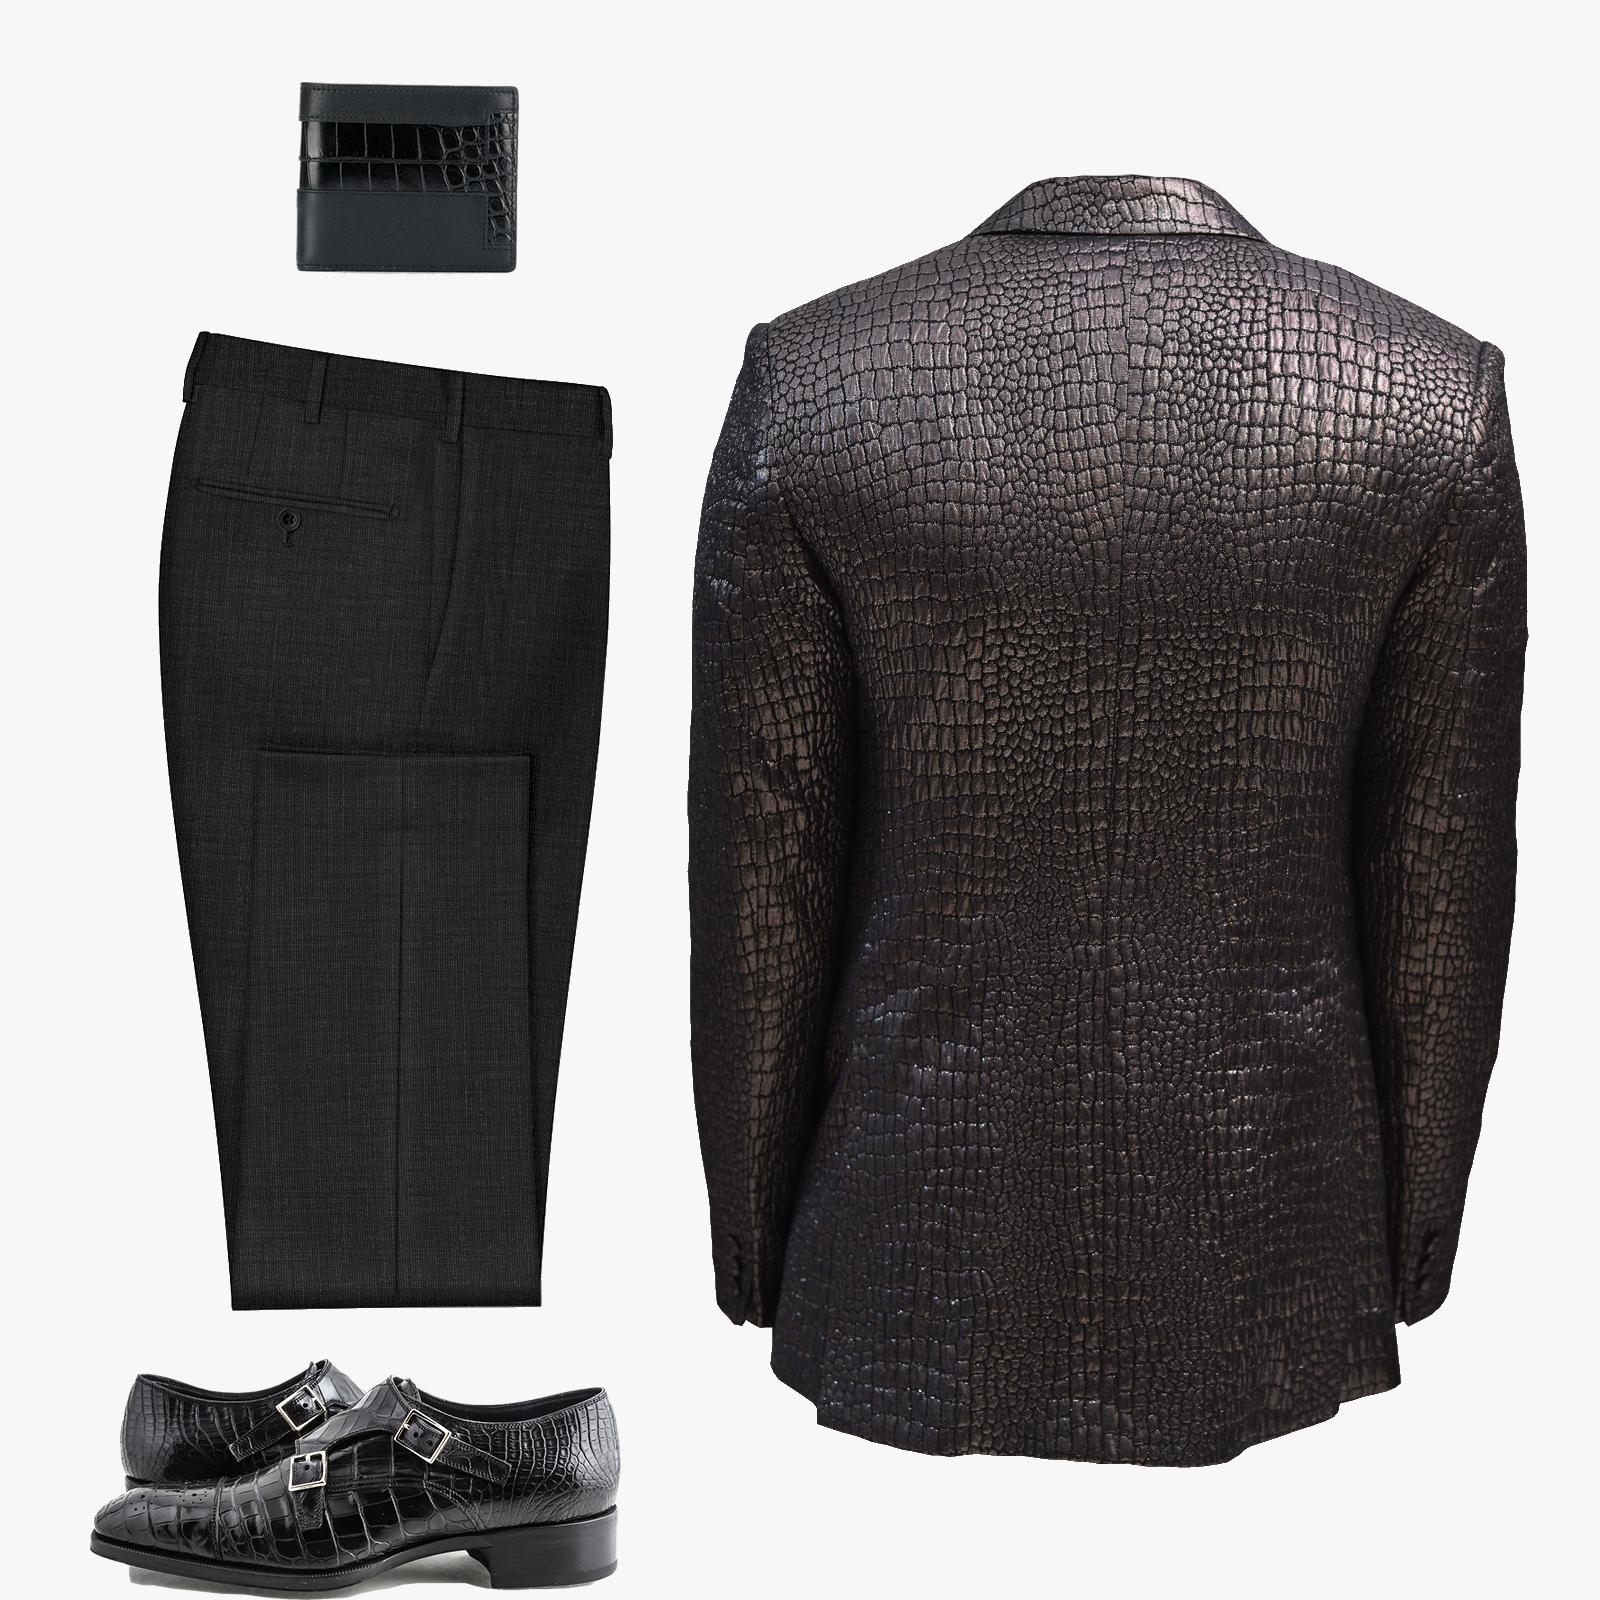 Designer Outfits for men in Nairobi Kenya - Men's designer clothes